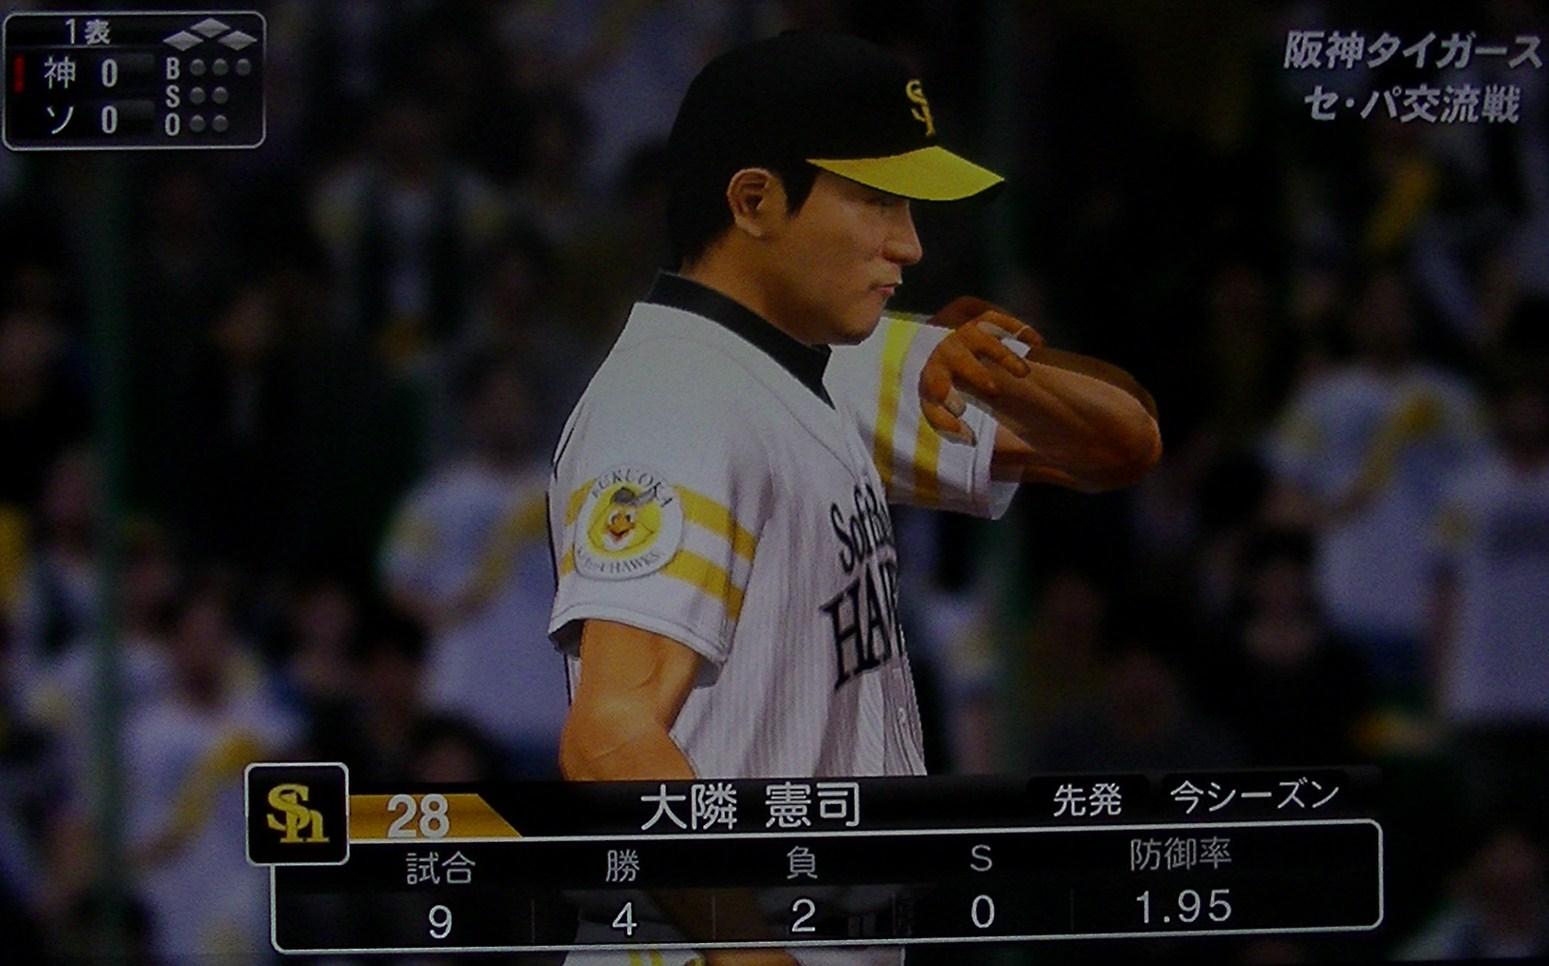 プロスピ2013対ソフトバンク3回戦(ビジター)H25.6.2分 003